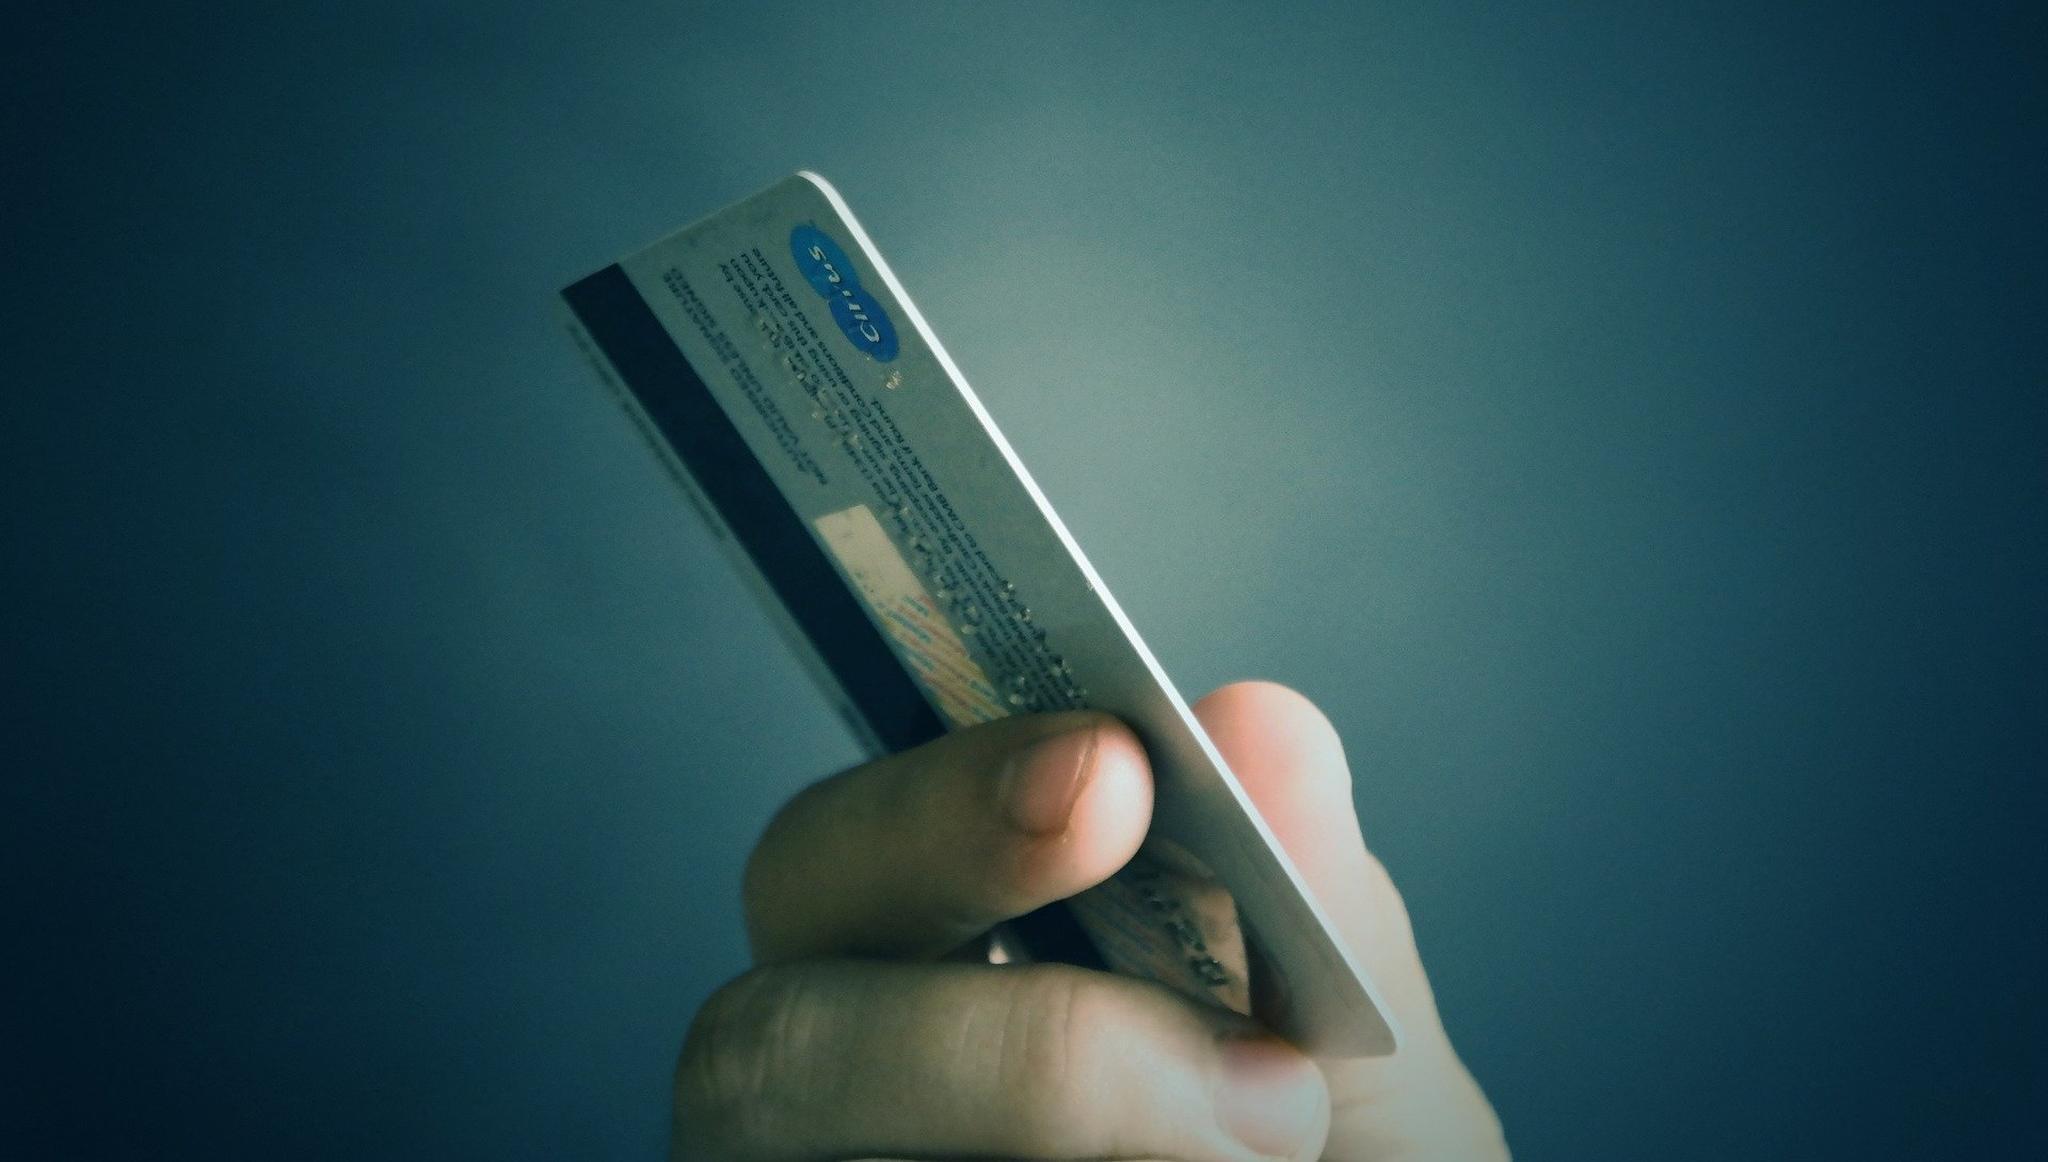 В Тверской области женщина стала невольной участницей кражи денег с банковского счета - новости Афанасий